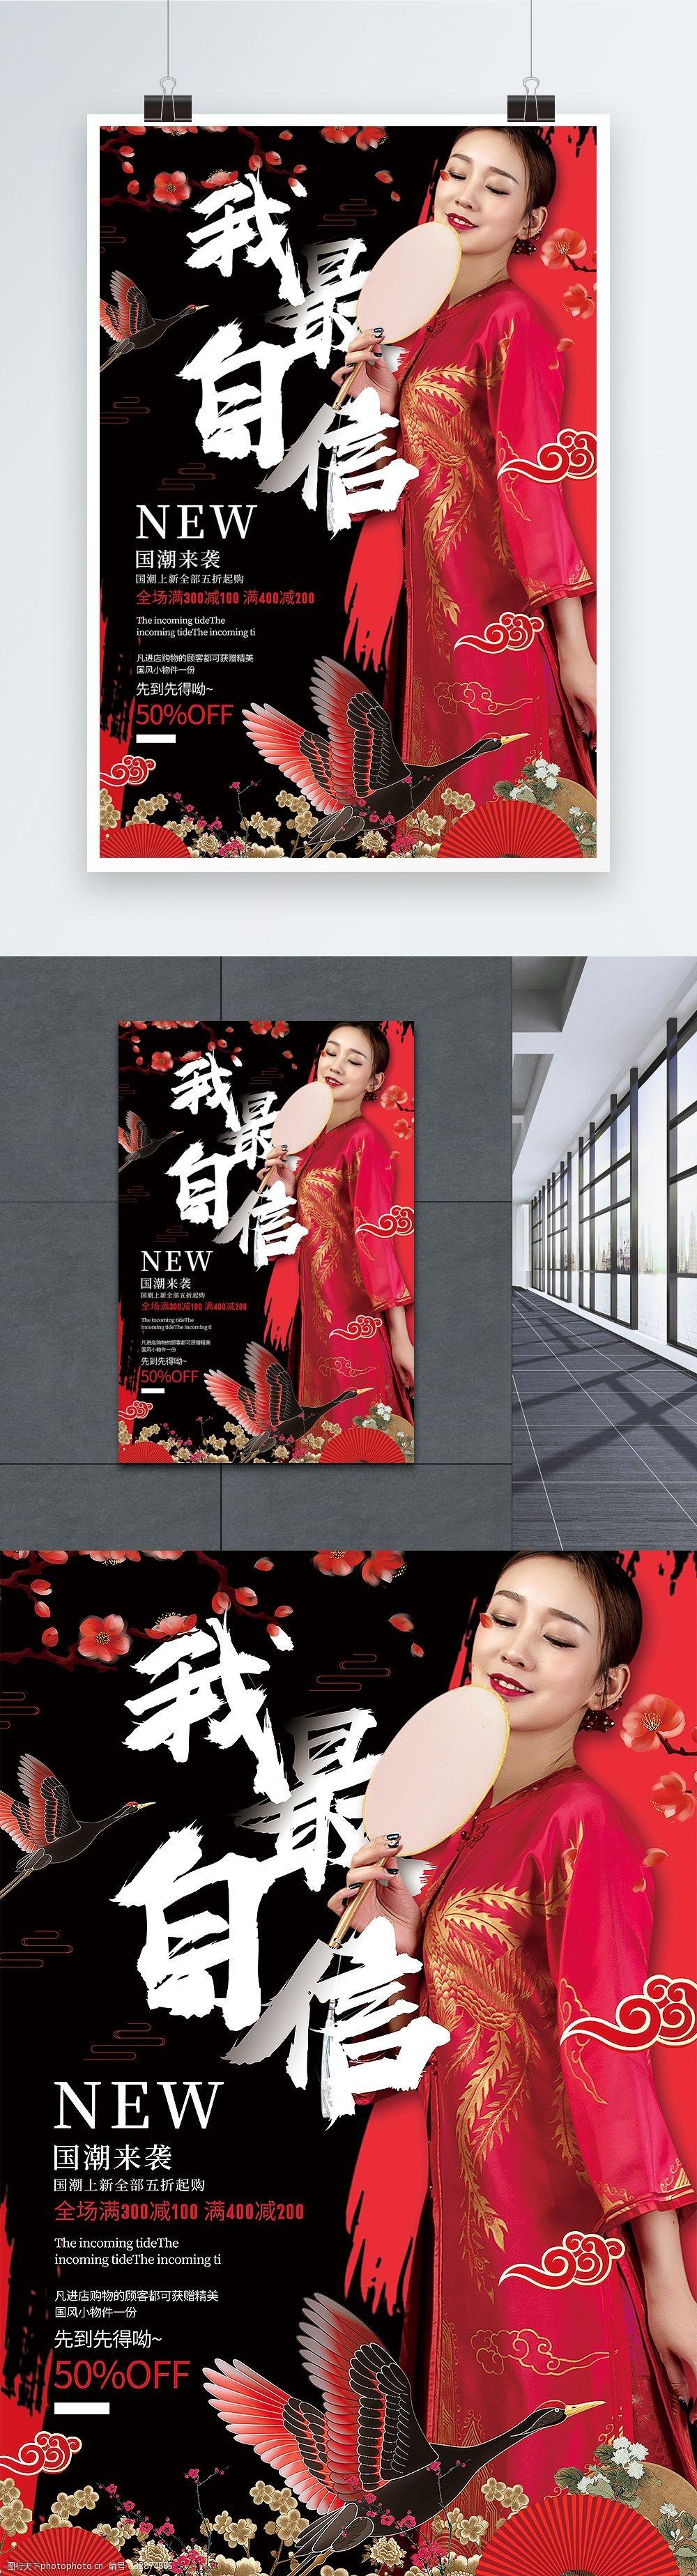 红色大气中国风我最自信国潮上新春季促销海报